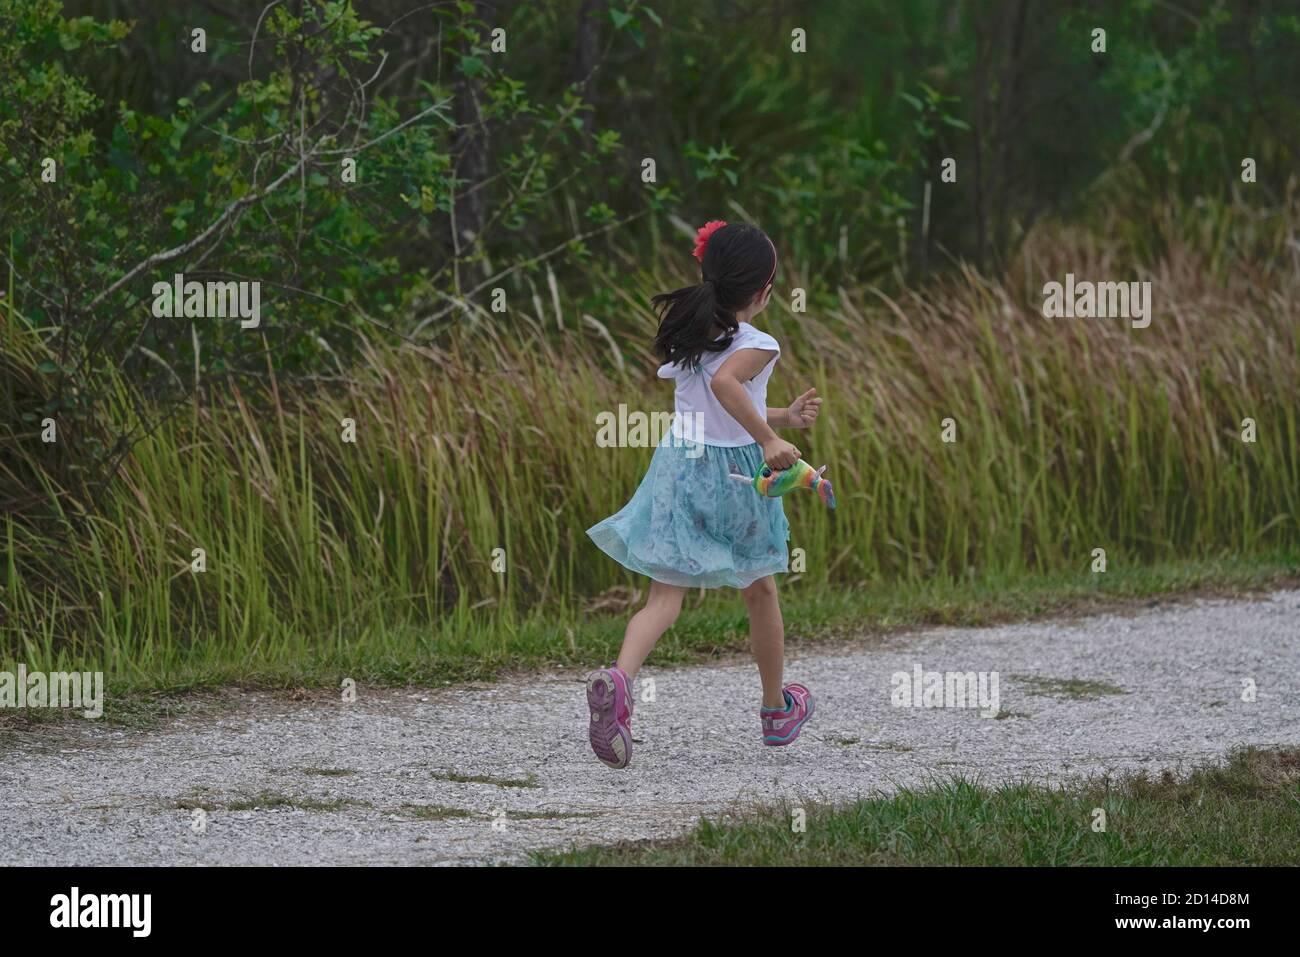 Niña de cinco años corriendo en un sendero. Foto de stock